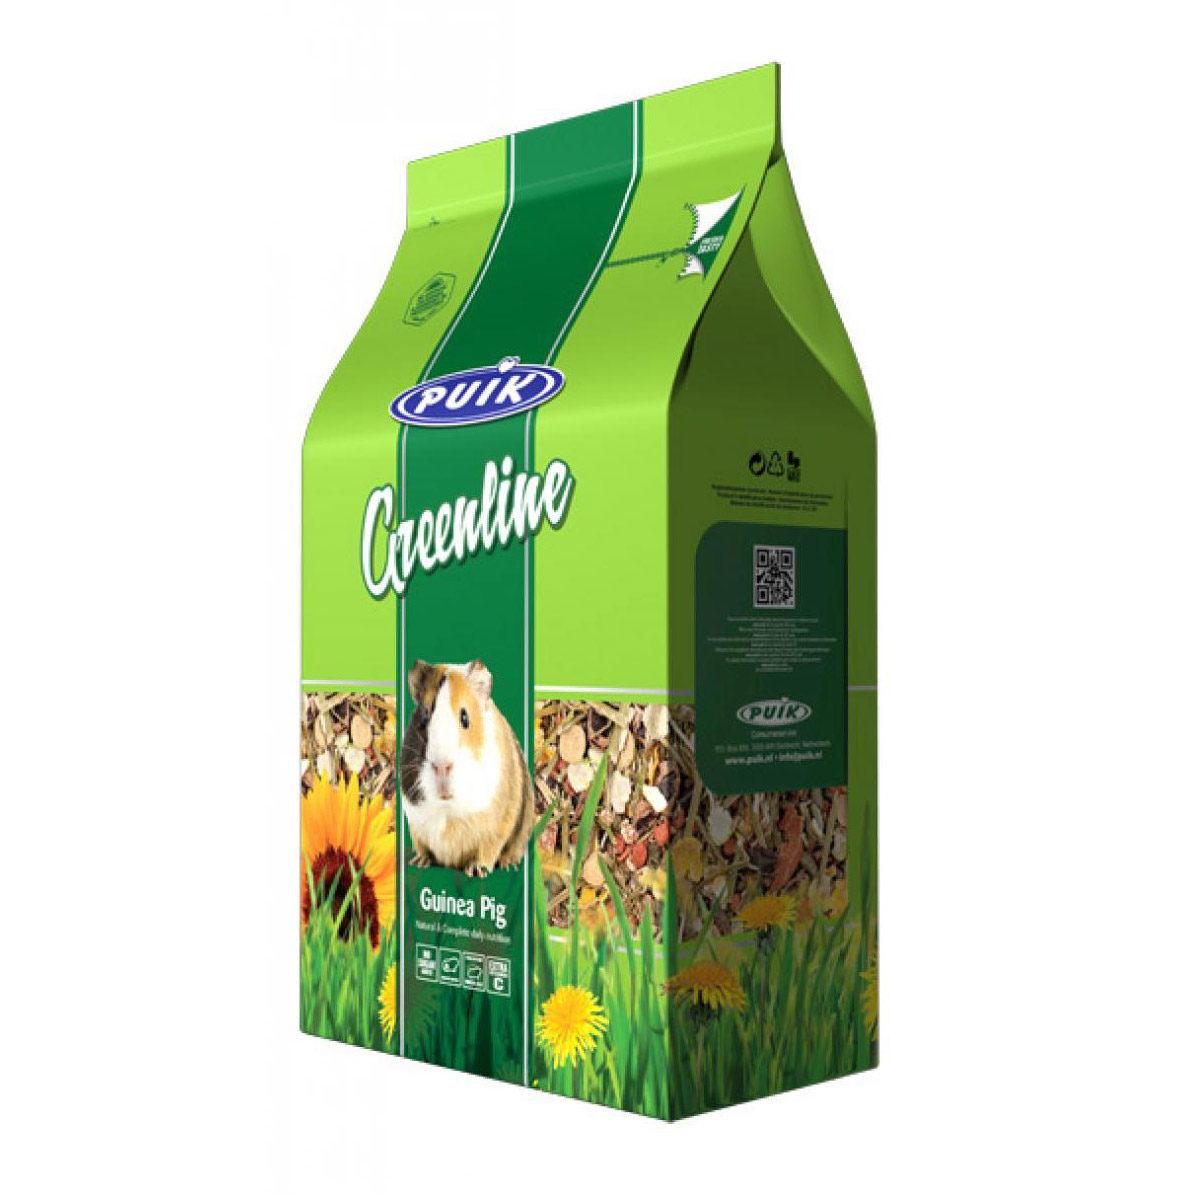 Puik Greenline Caviavoer Premium Select 1,5 kg